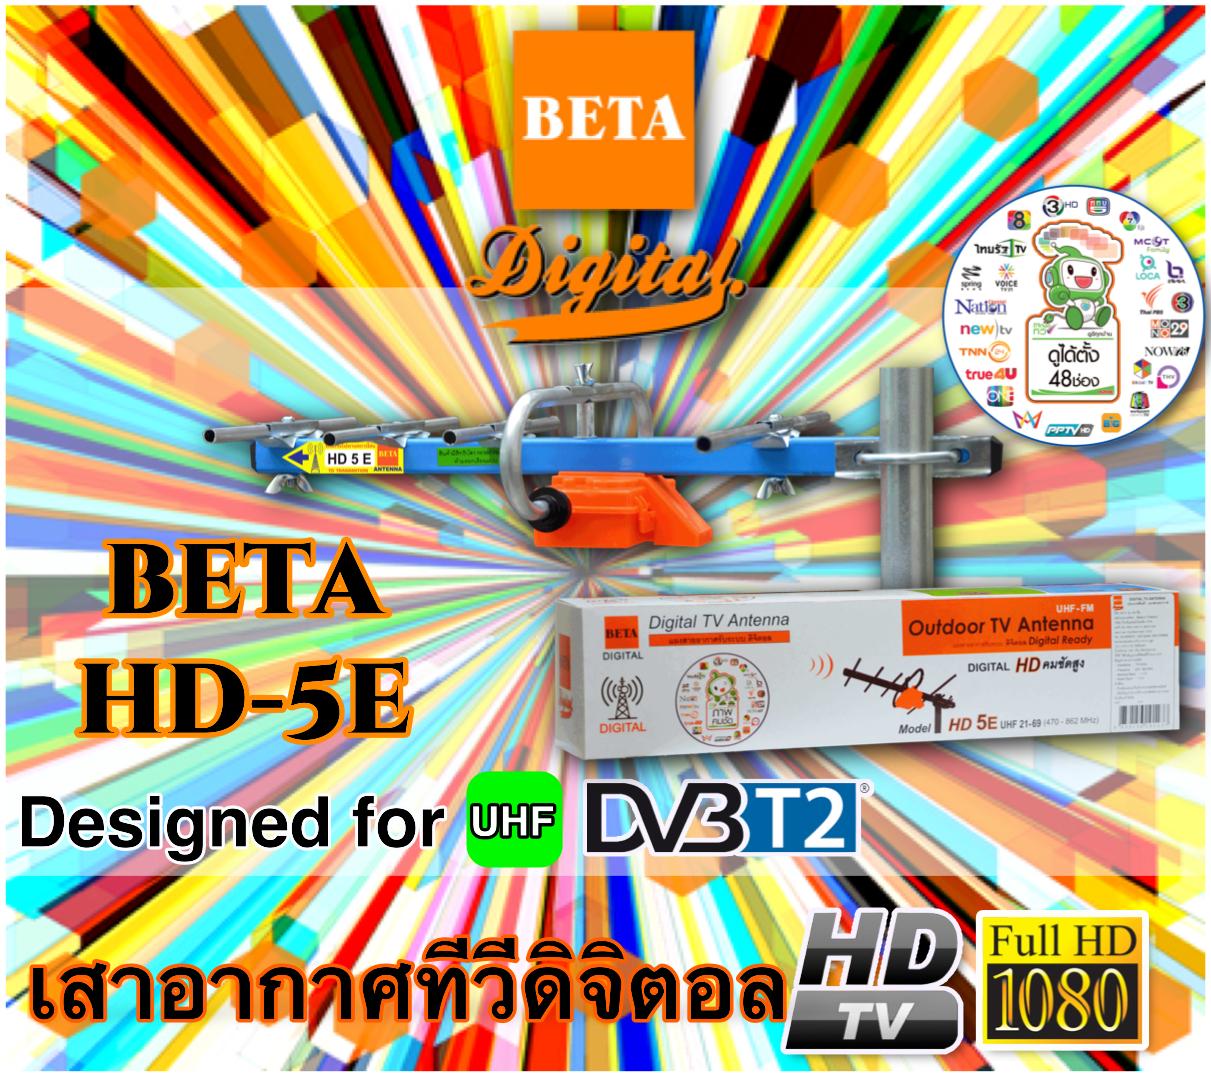 BETA HD-5E